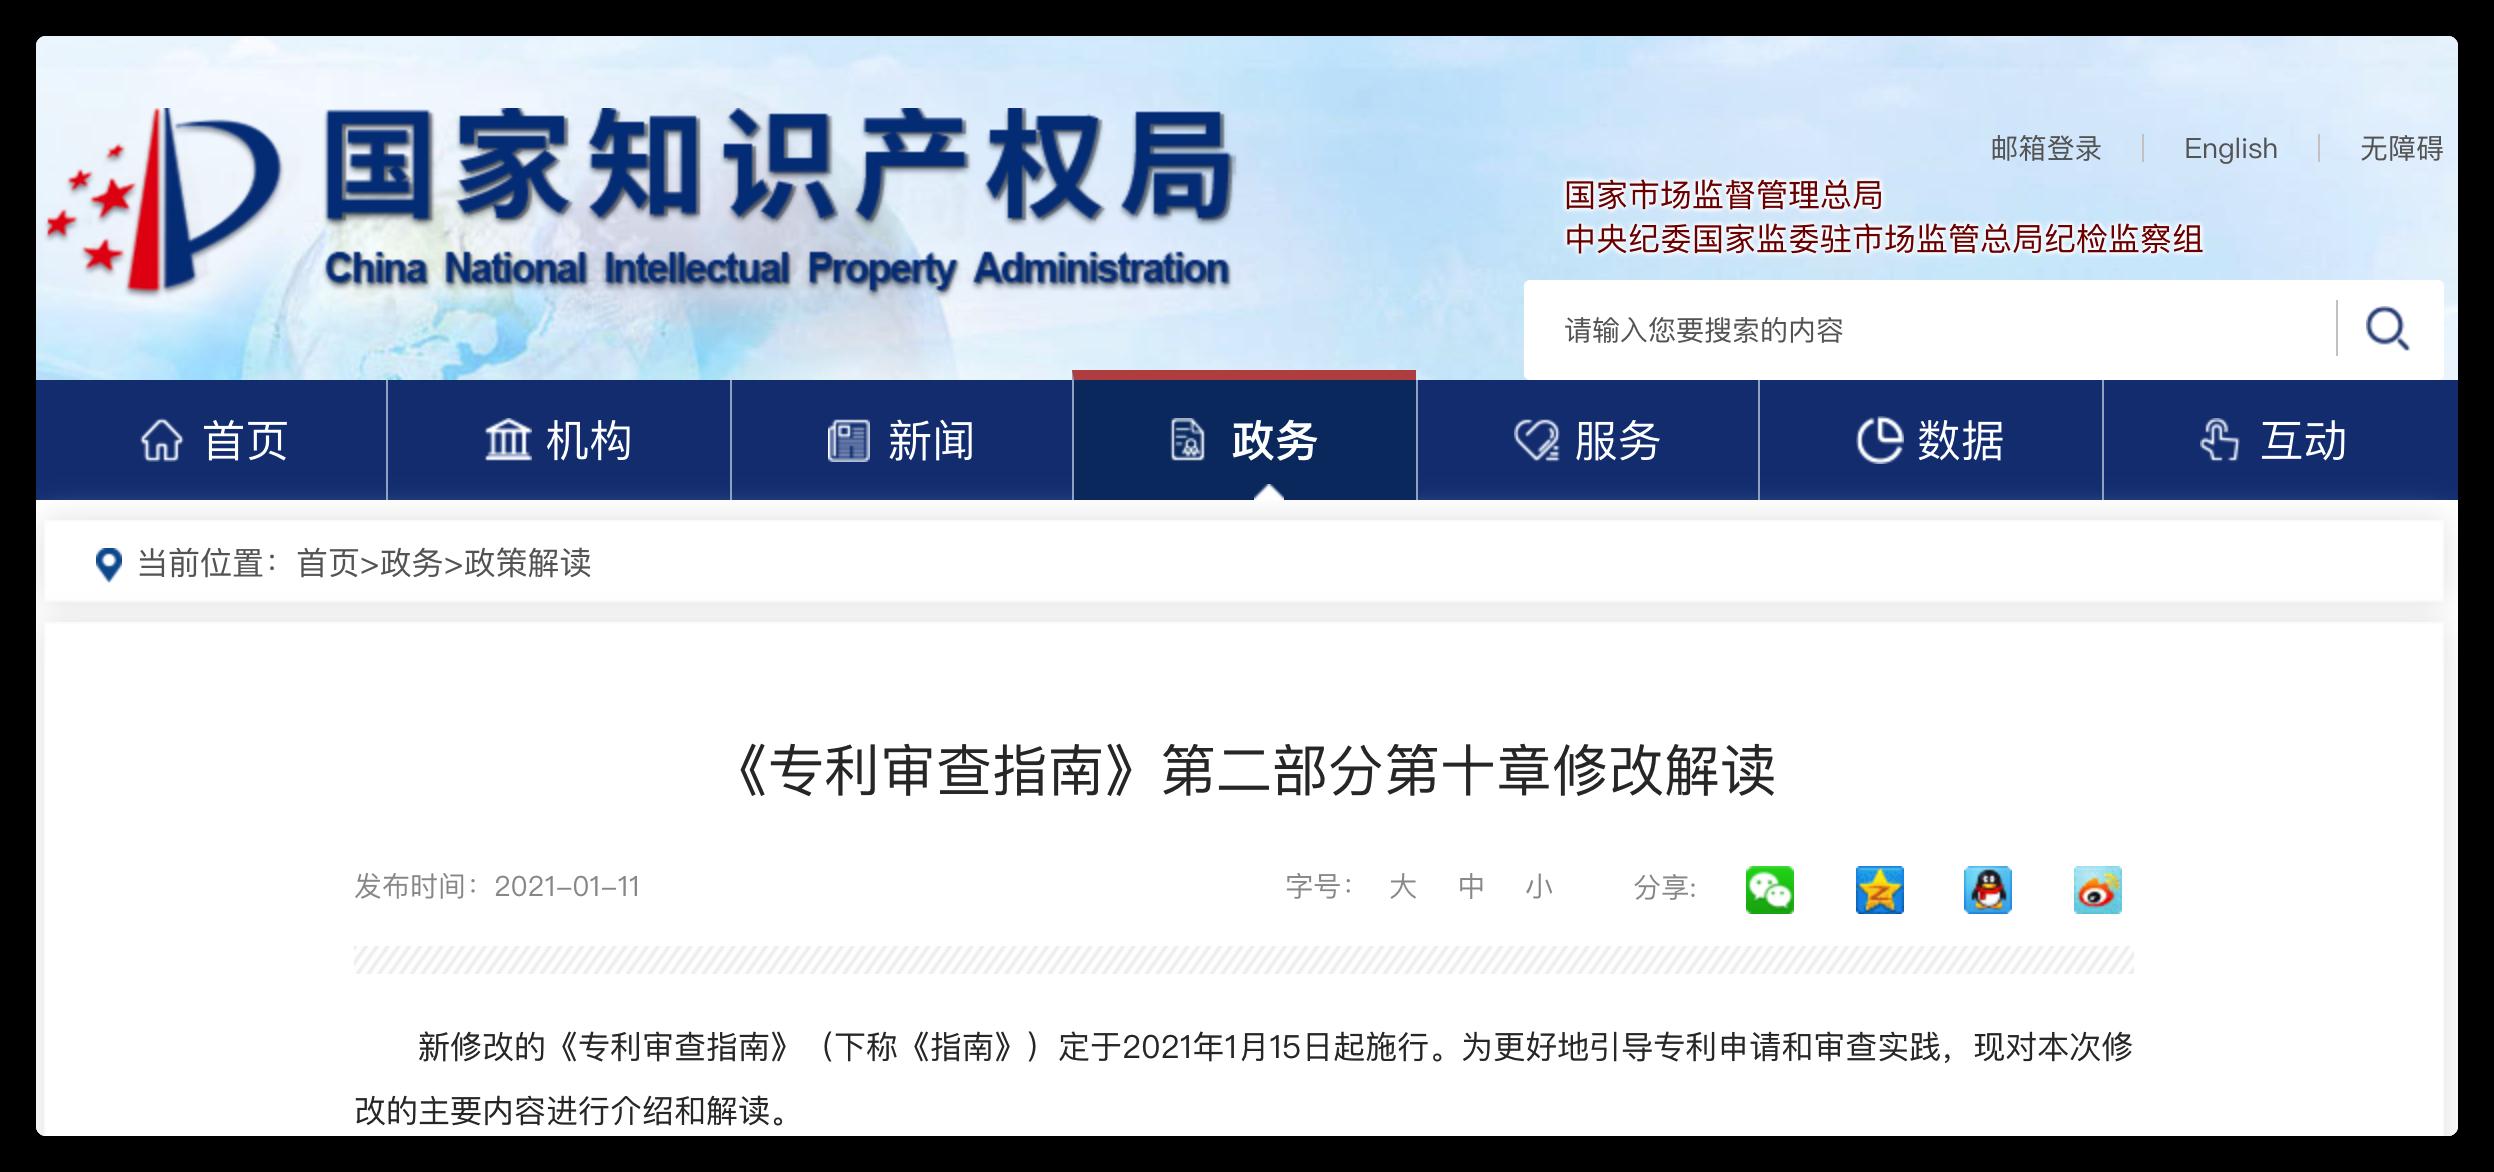 [知产晨讯]1月12日:江苏发布2020年知识产权保护典型案例;广州知识产权法院发布服务和保障科技创新十大典型案例;《专利审查指南》第二部分第十章修改解读